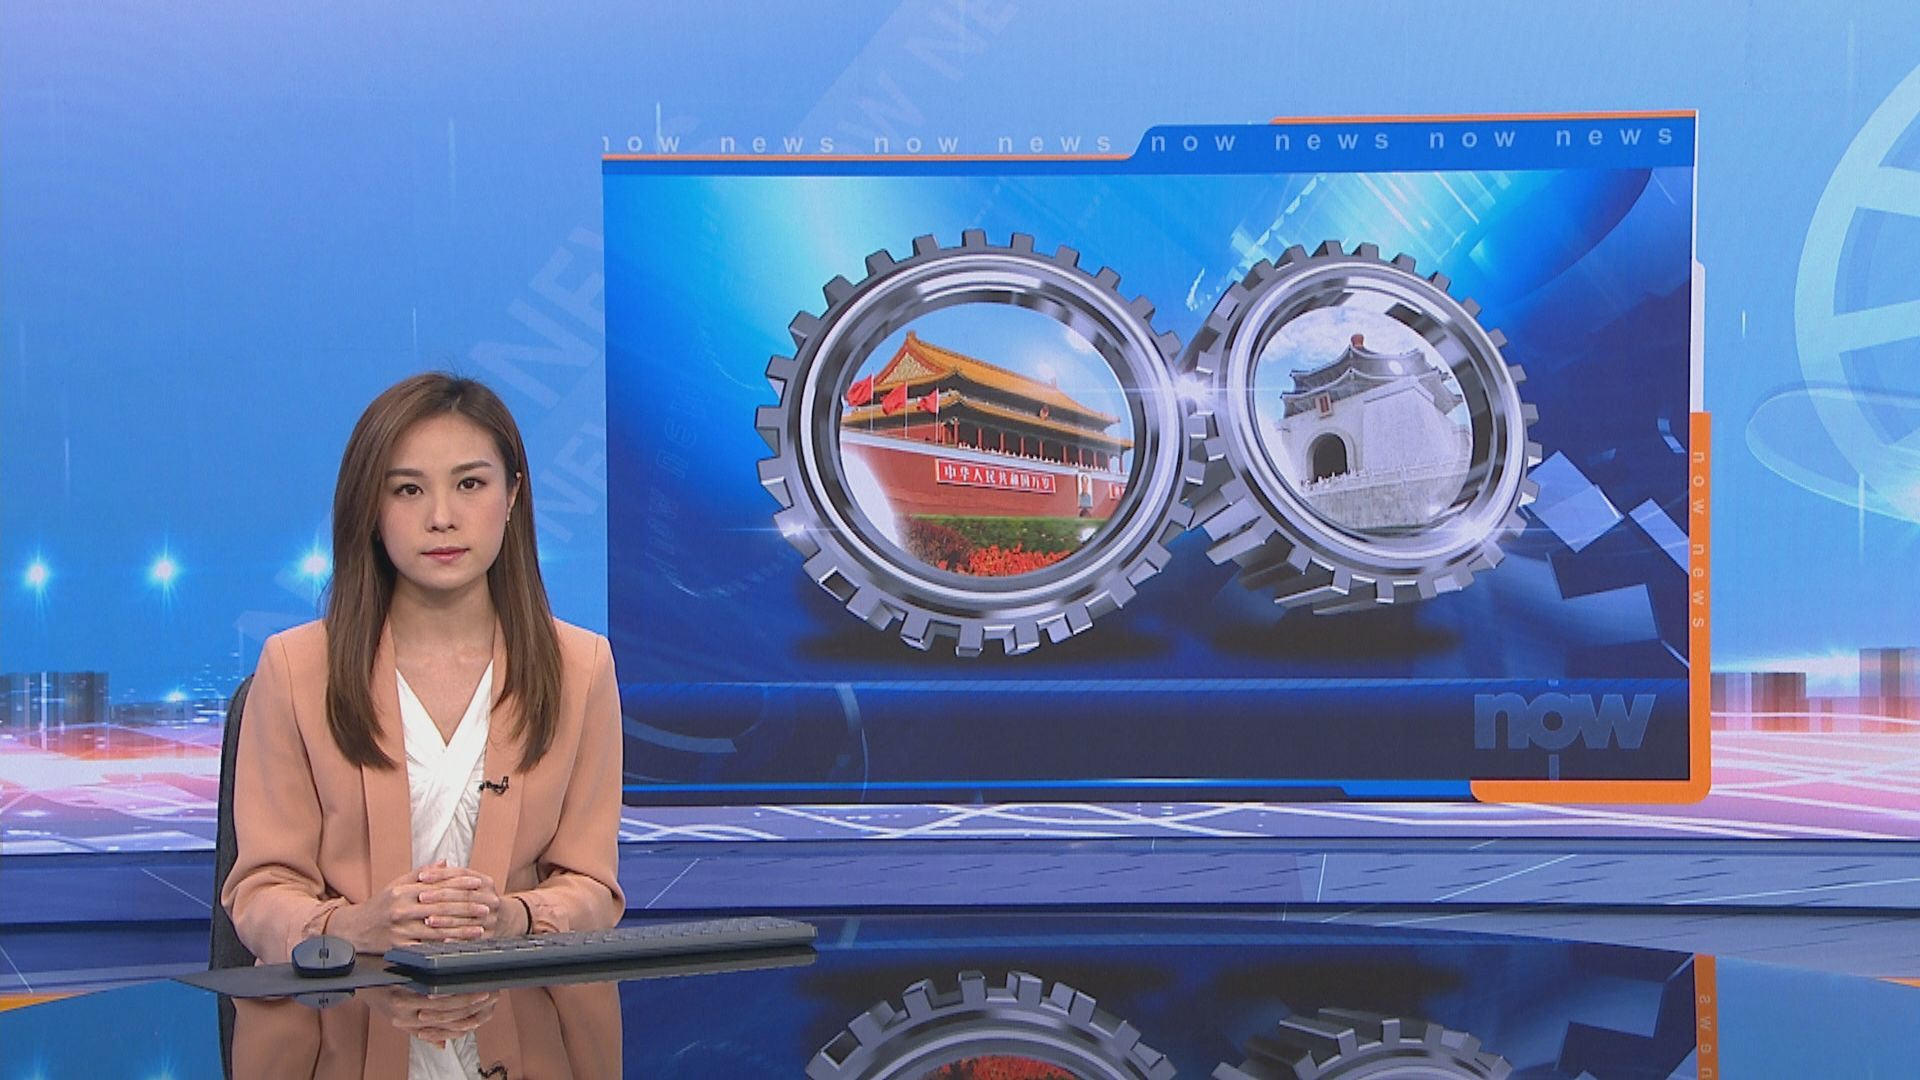 台海短暫真空 解放軍將領認為勿急進武力統一台灣